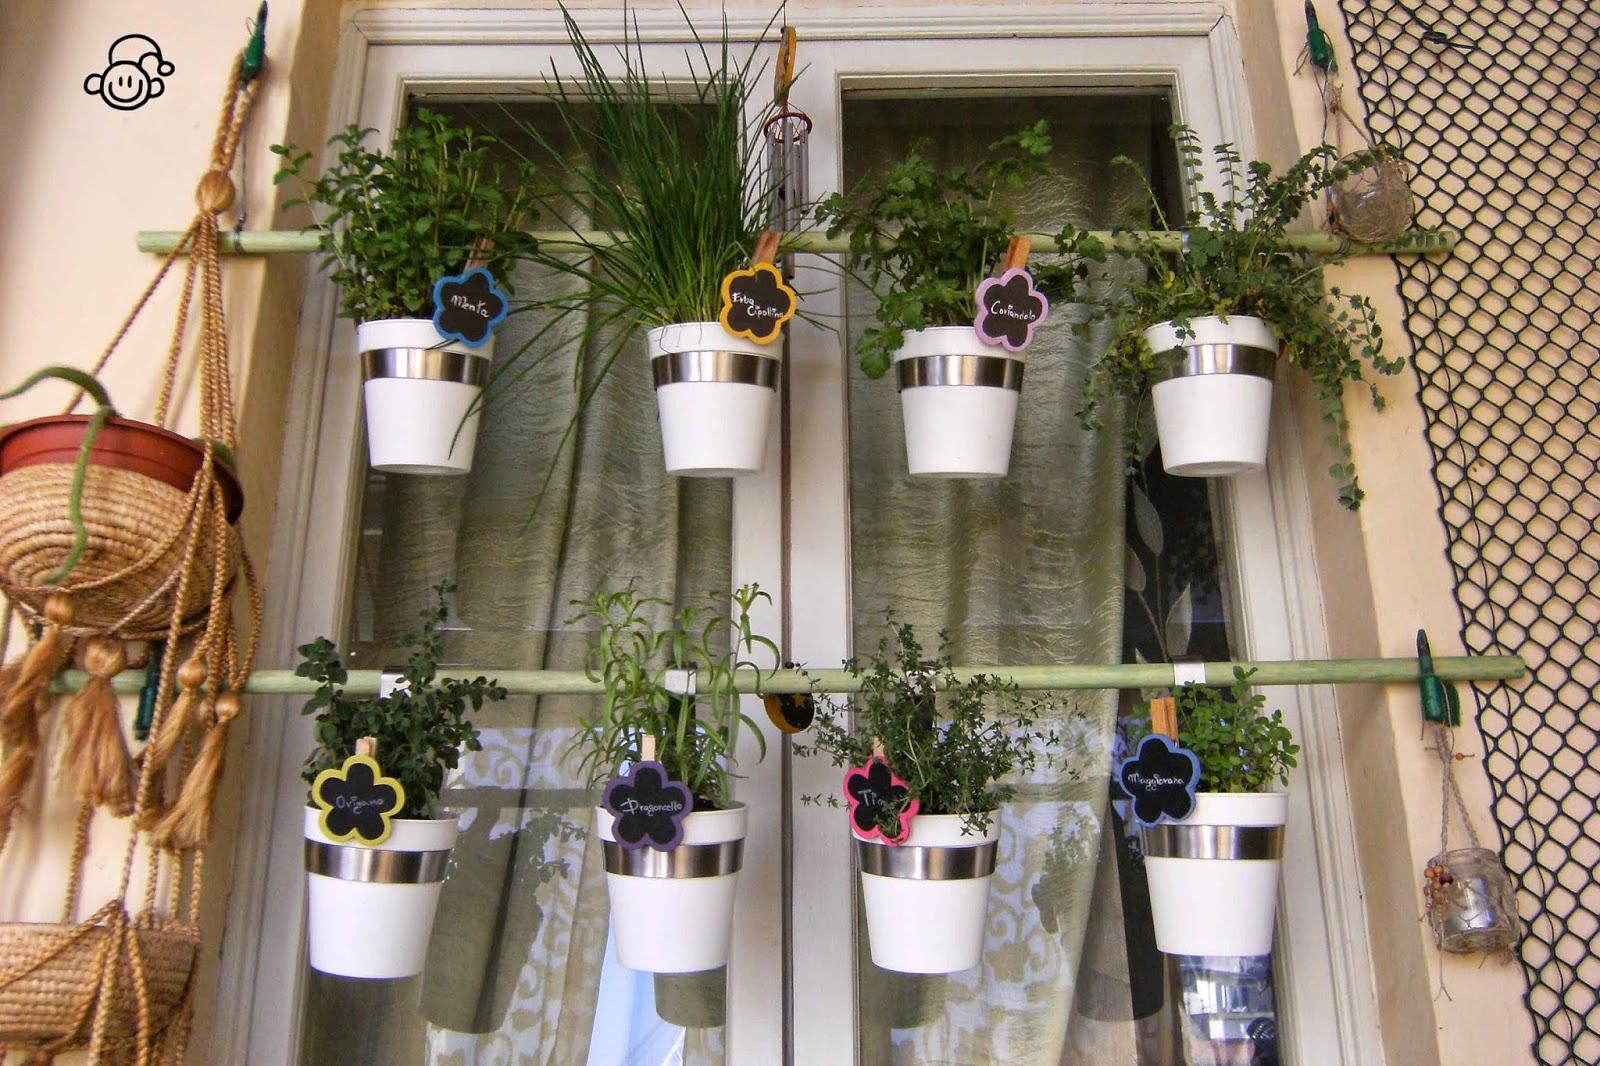 Casa ignoli casa ignoli little garden l 39 orto verticale - Orto in casa ikea ...